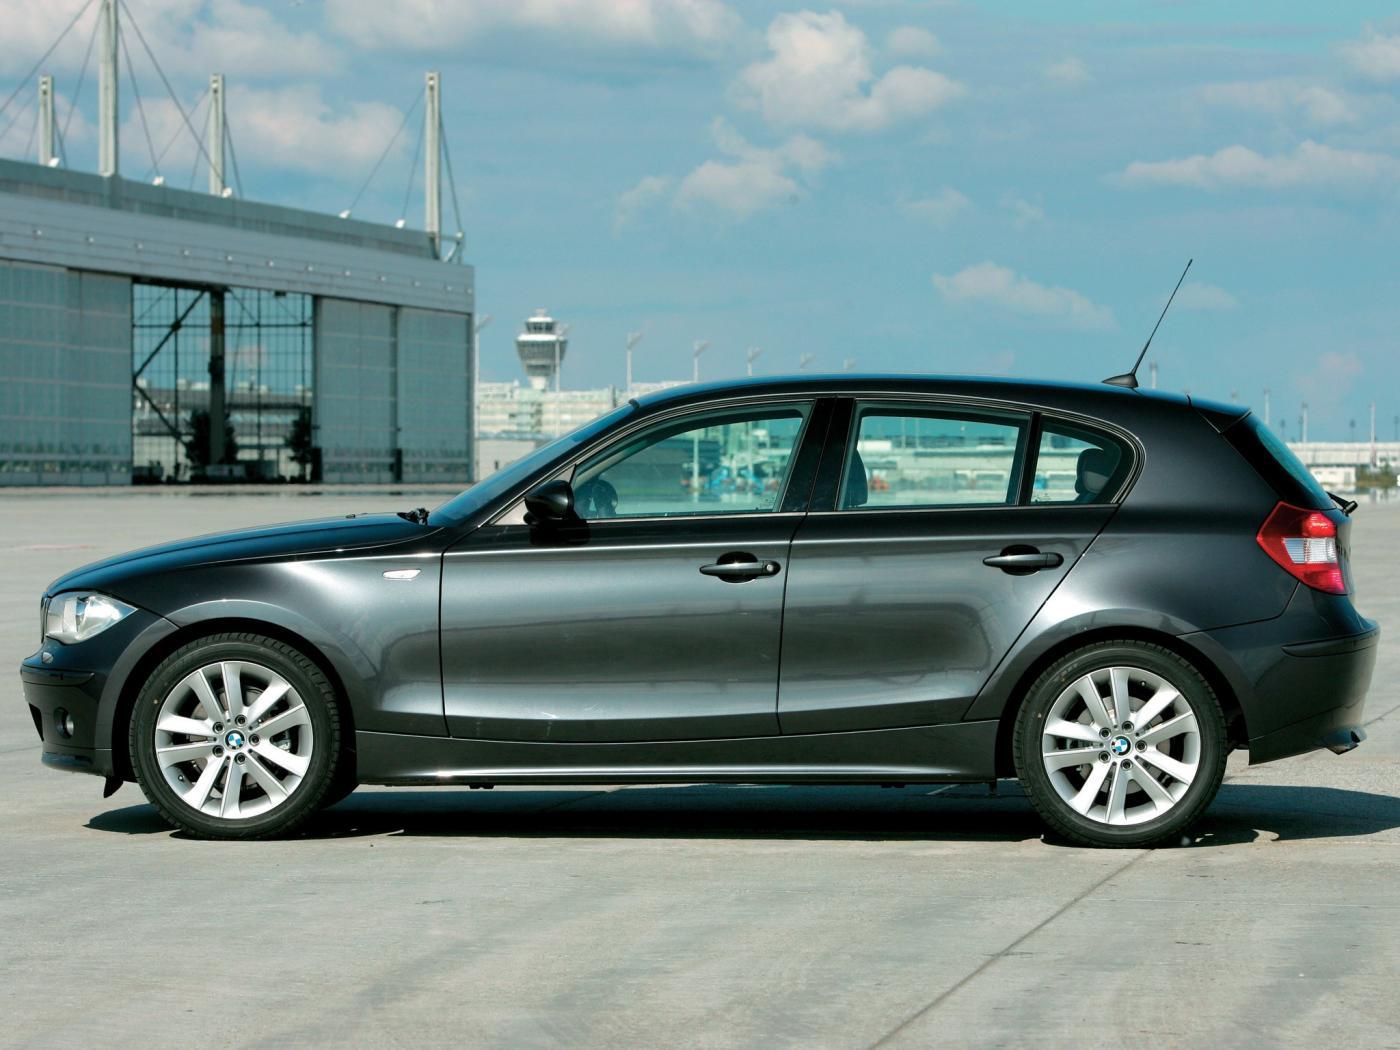 Tuto-remplacement-des-disques-et-plaquettes-de-freins-de-la-BMW-Serie-1-E87-1.jpeg